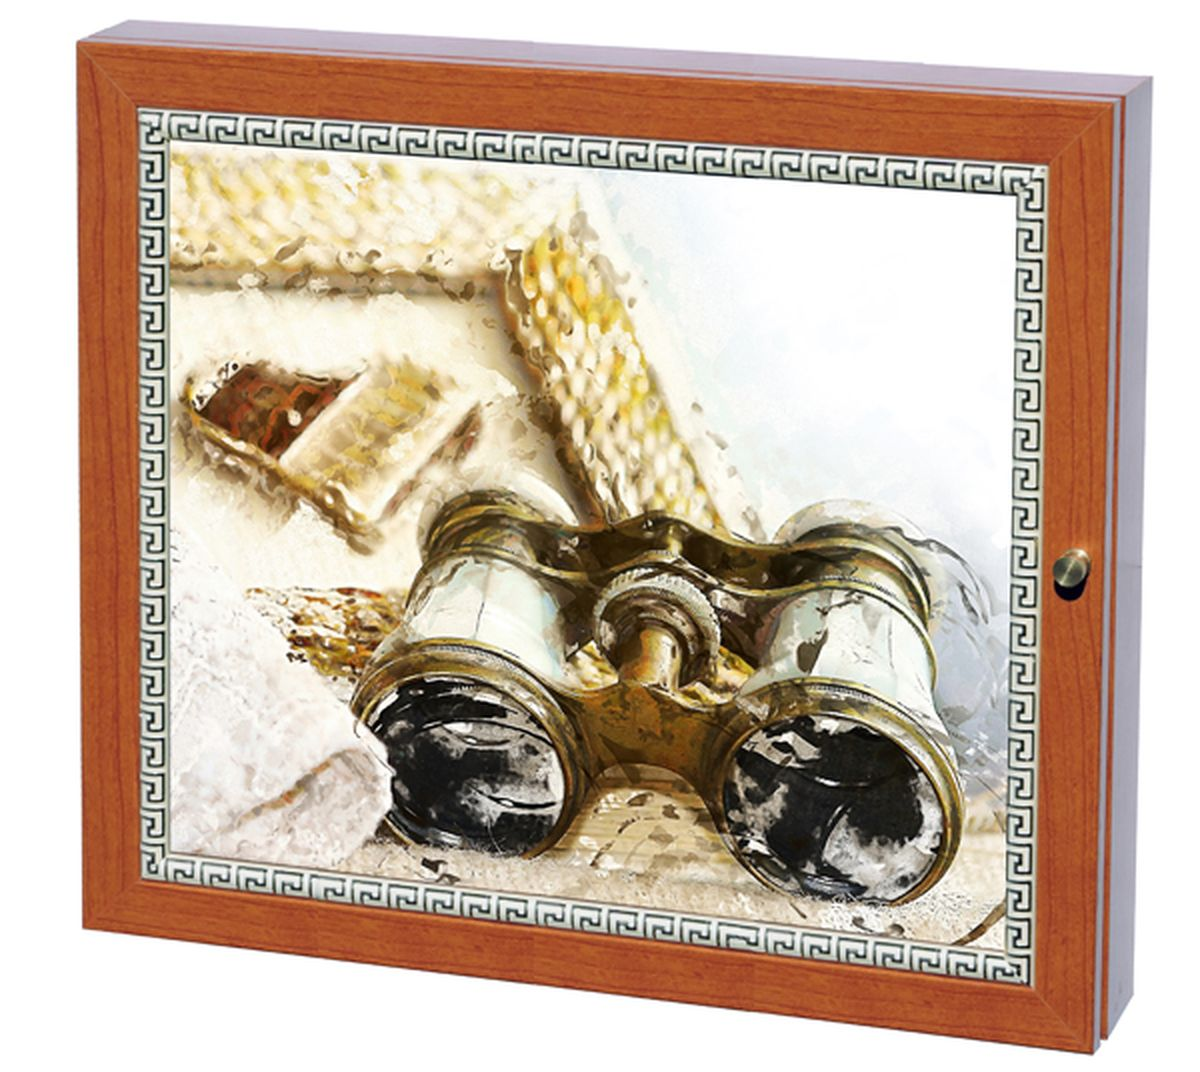 Вешалка-ключница Milarte Фэй, 25 х 30 х 5,5 см. KFV-11601254 009318Вешалка-ключница Milarte Фэй, выполненная из МДФ, украсит интерьер помещения, а также поможет создать атмосферу уюта. Ключница, декорированная оригинальным изображением, станет не только украшением вашего дома, но и послужит функционально. Она представляет собой ящичек, внутри которого предусмотрено 9 металлических крючков для ключей в два ряда. Дверца фиксируется к корпусу на крючок. Вешалка-ключница подвешивается на стену, крепежные элементы входят в комплект.Размер изображения: 24 х 19 см.